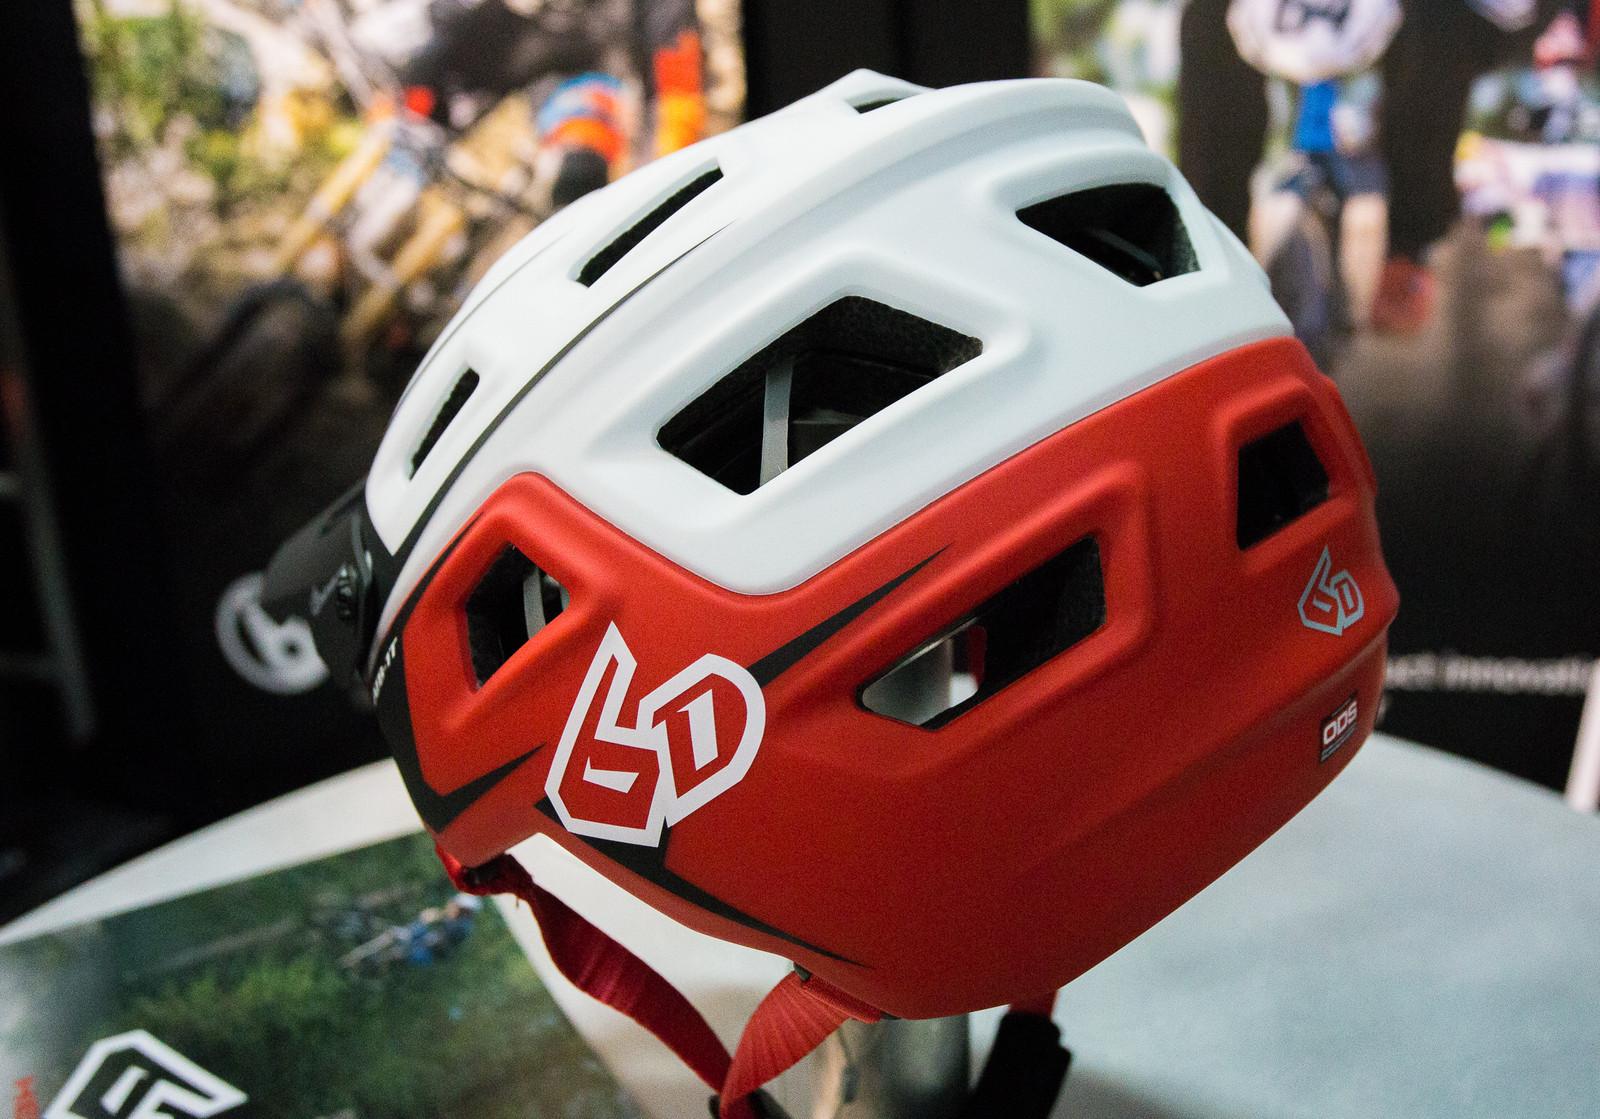 6D's New ATB 1T EVO Helmet at Interbike